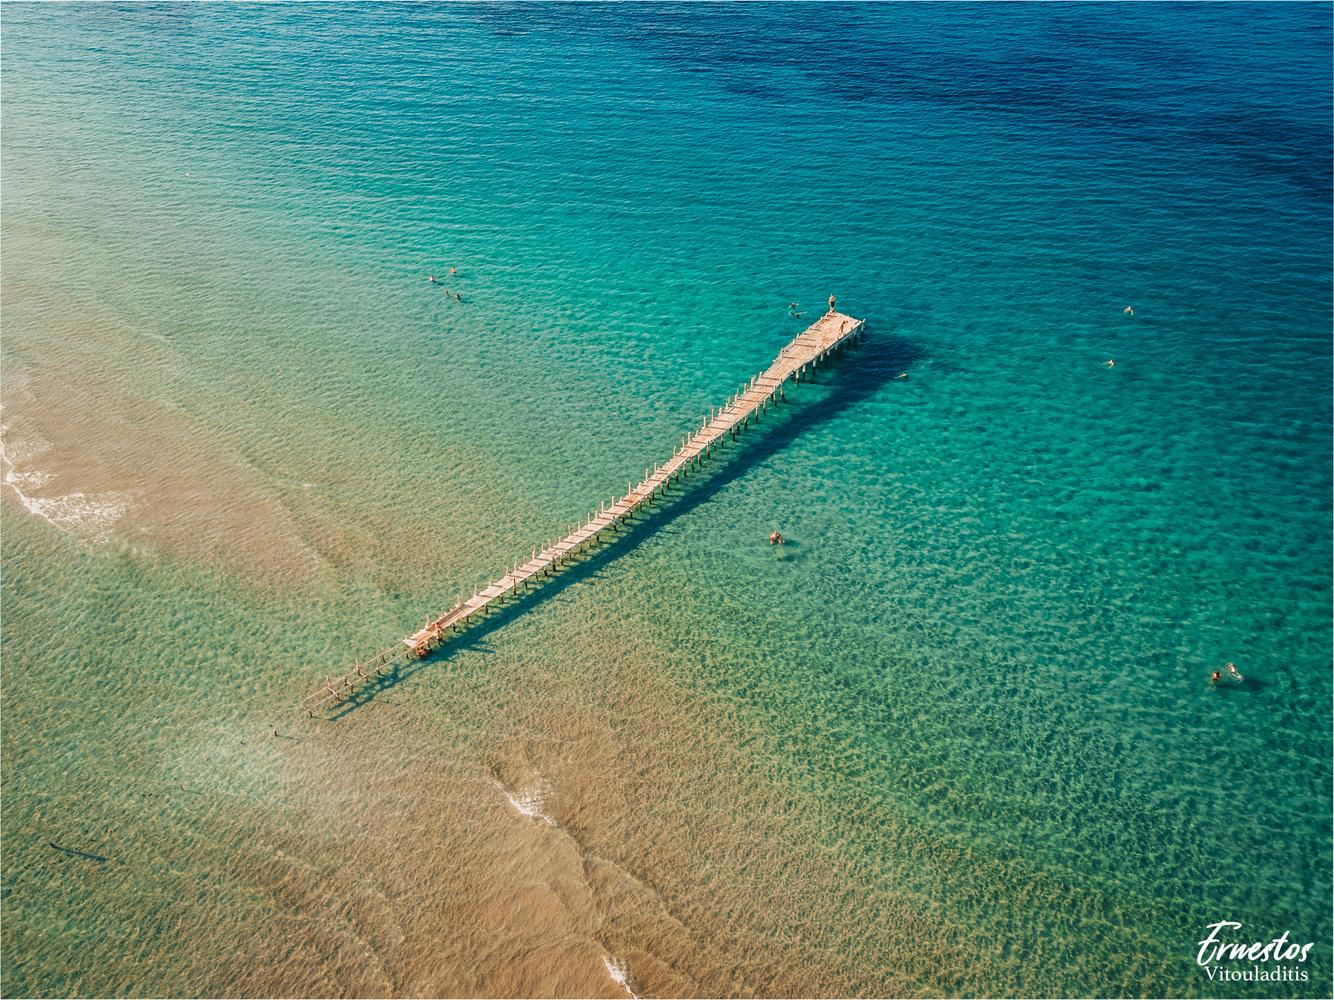 Apraos Beach by ernestos vitouladitis